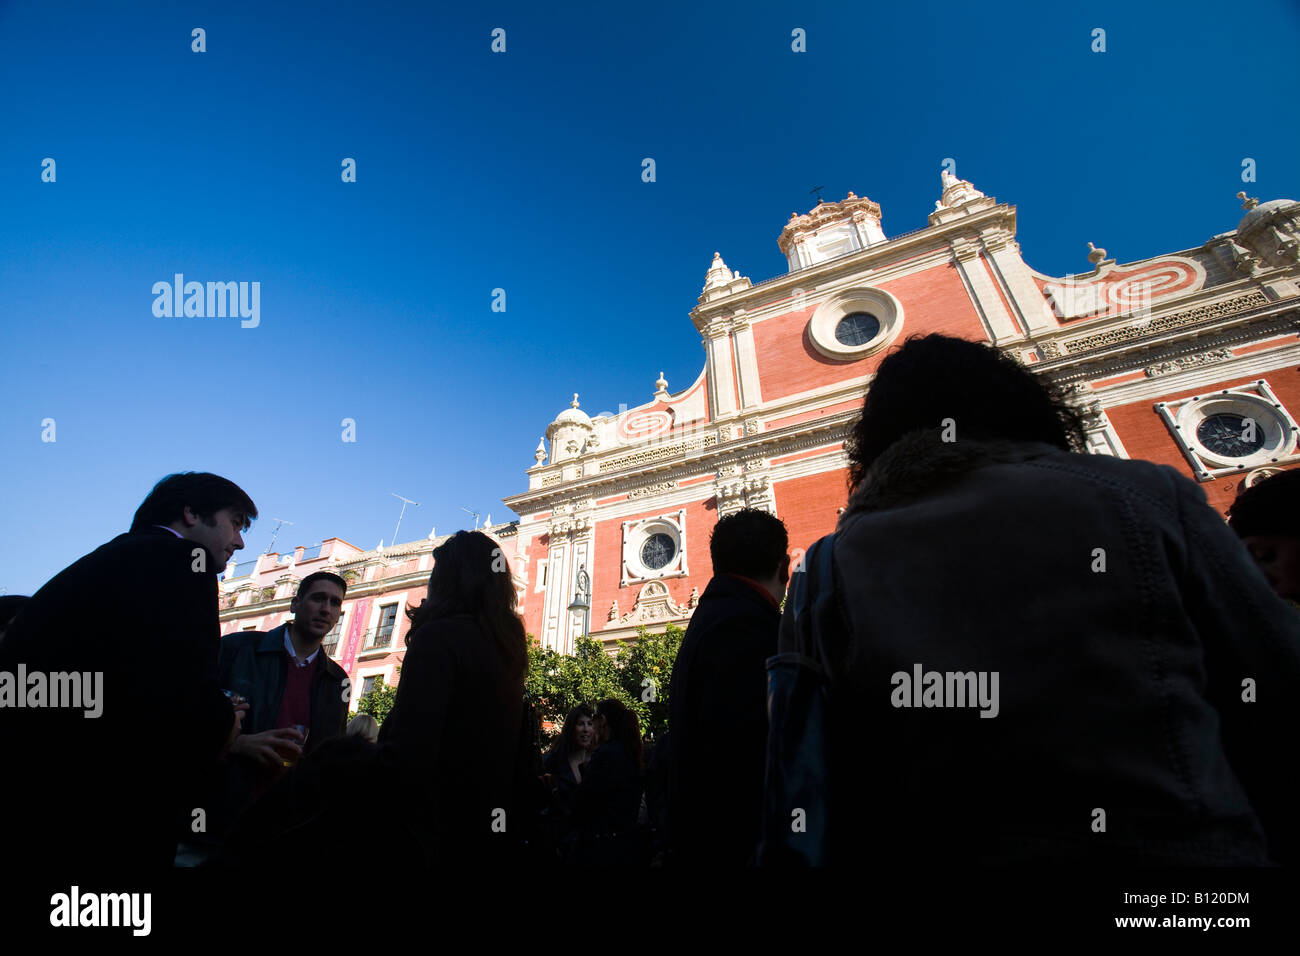 La gente en la Plaza El Salvador, Sevilla, España Imagen De Stock